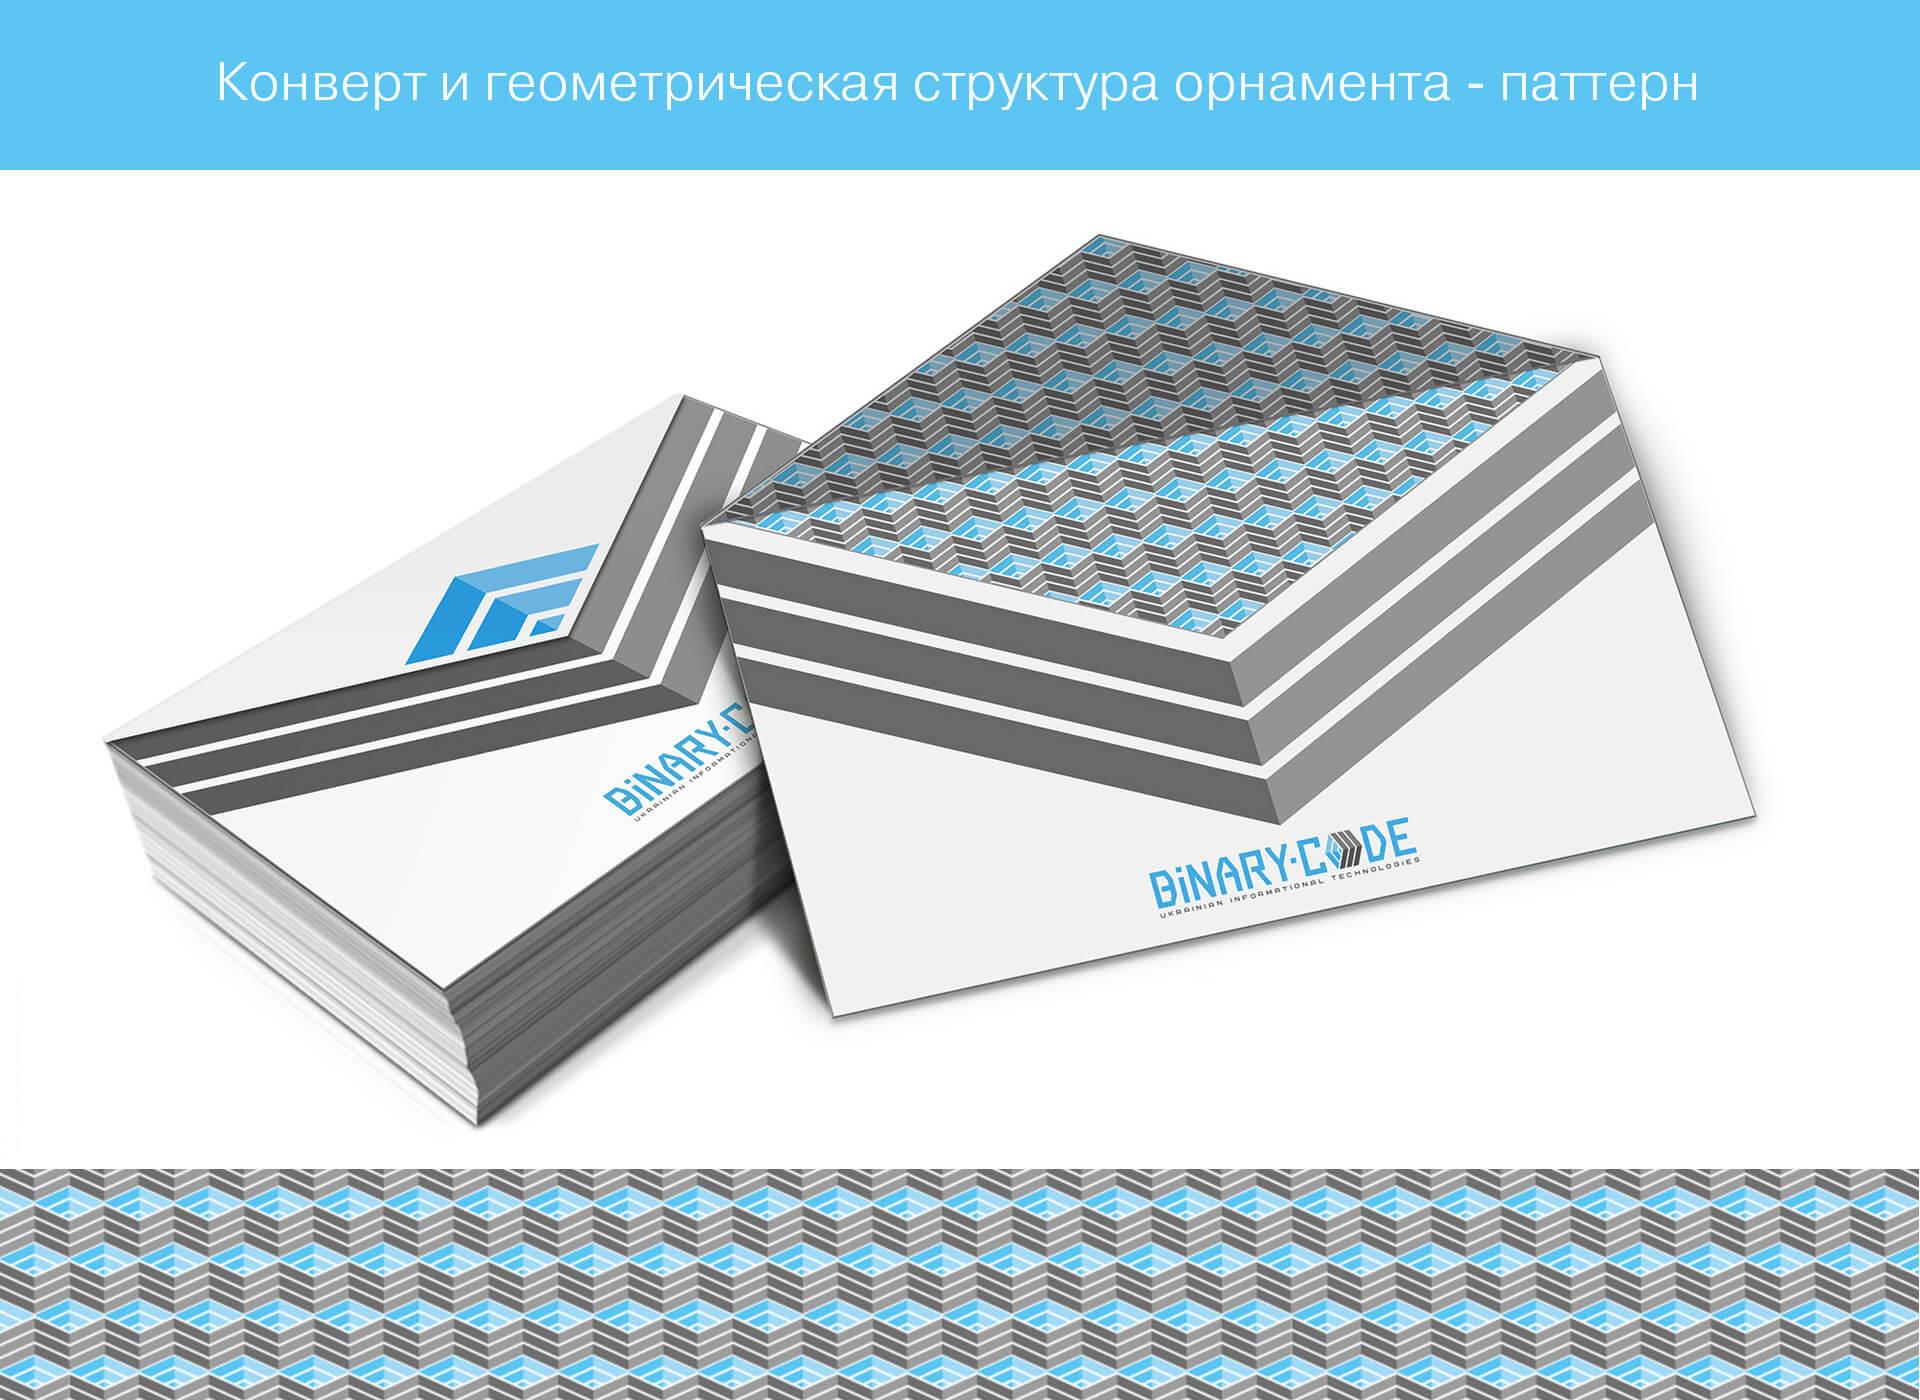 prokochuk_irina_binary-code_2_